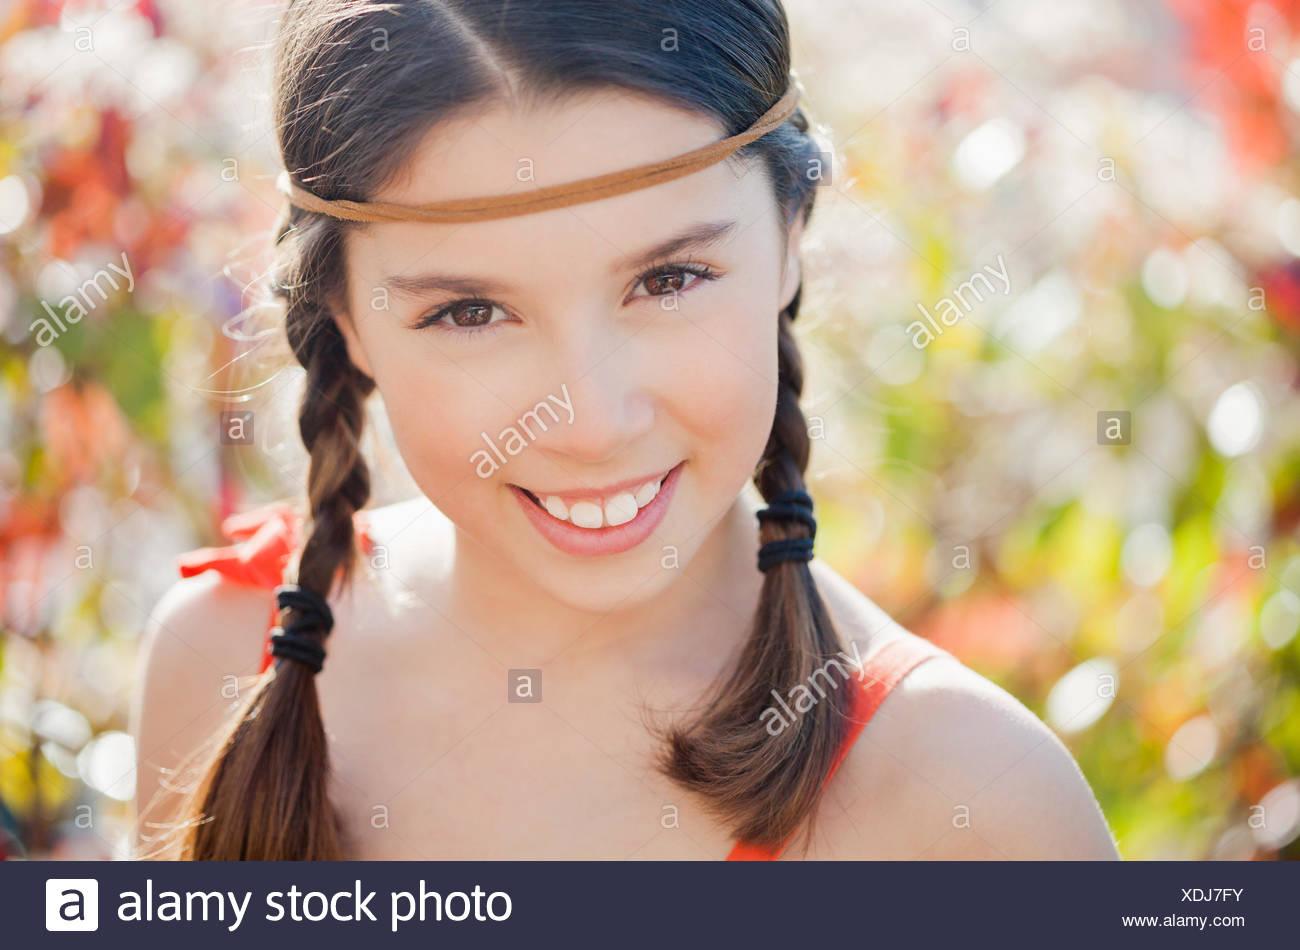 Retrato de una niña alegre Imagen De Stock